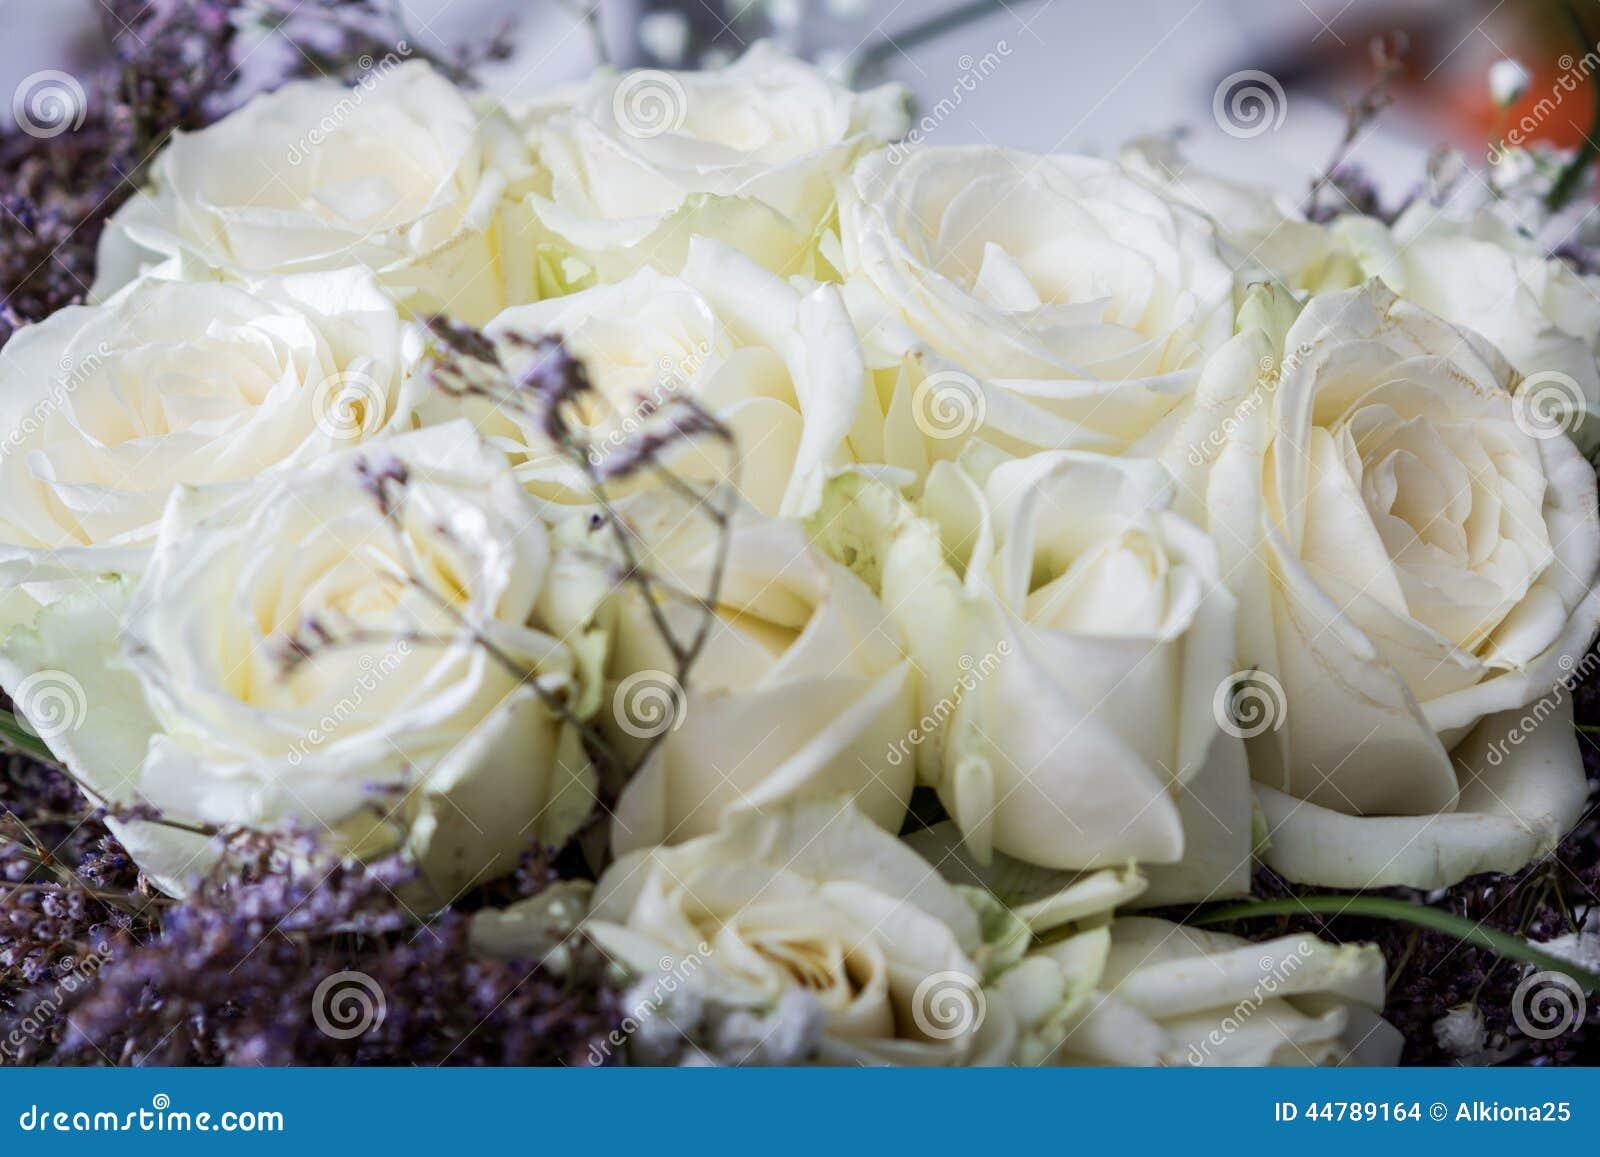 花卉婚礼装饰